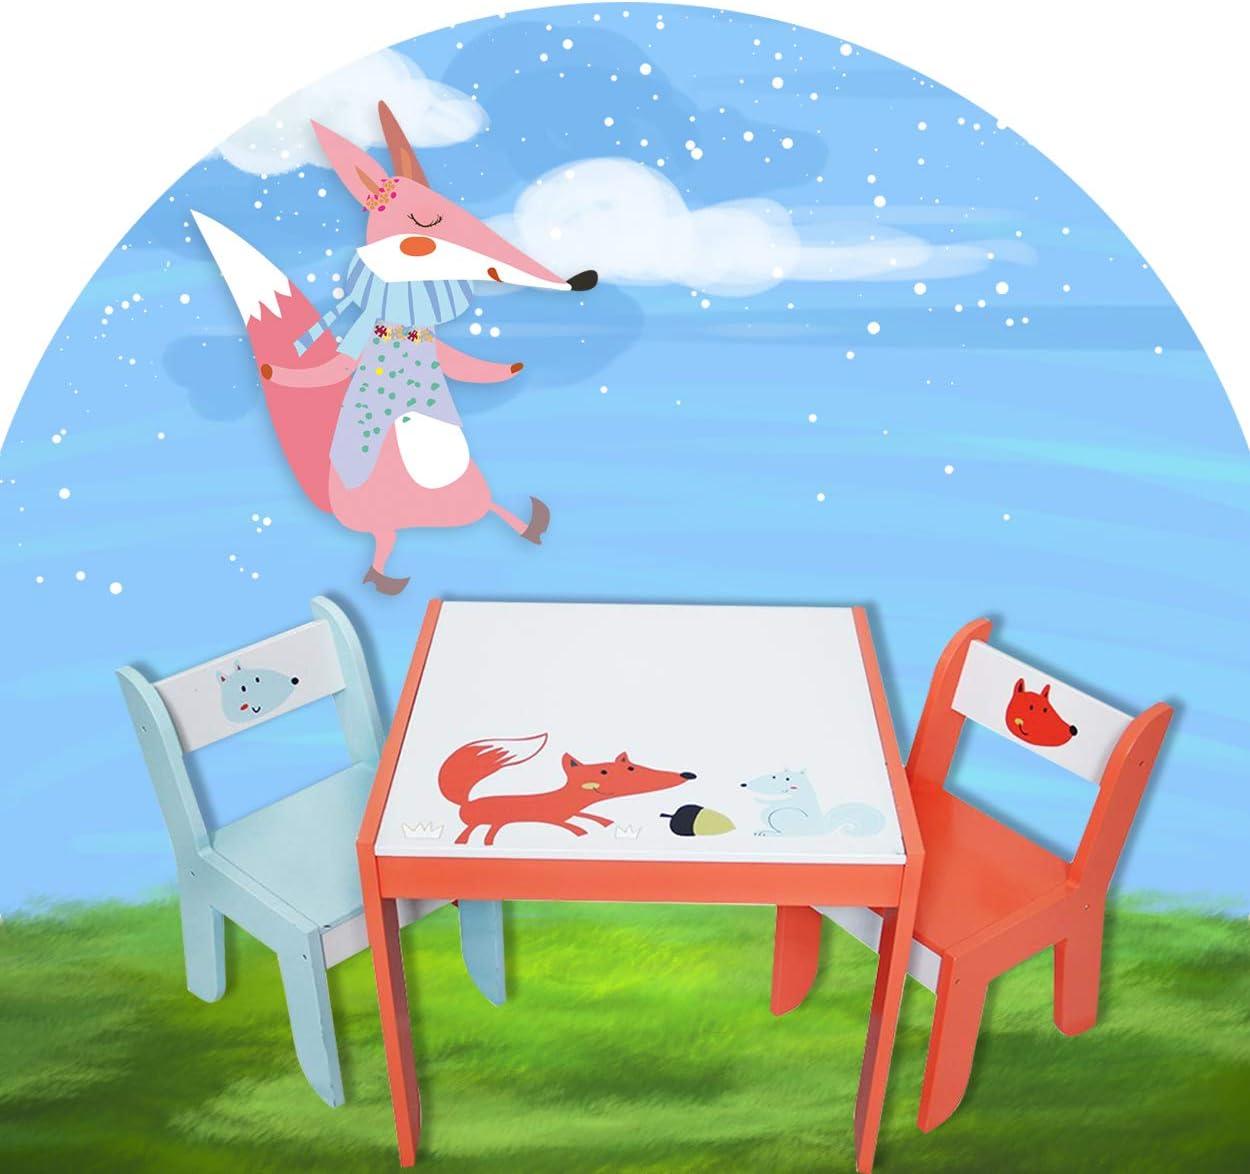 Jouet de Meubles pour Enfants HONNIEKIS Table et Chaise en Bois pour Enfants Table Pomme et 2 chaises